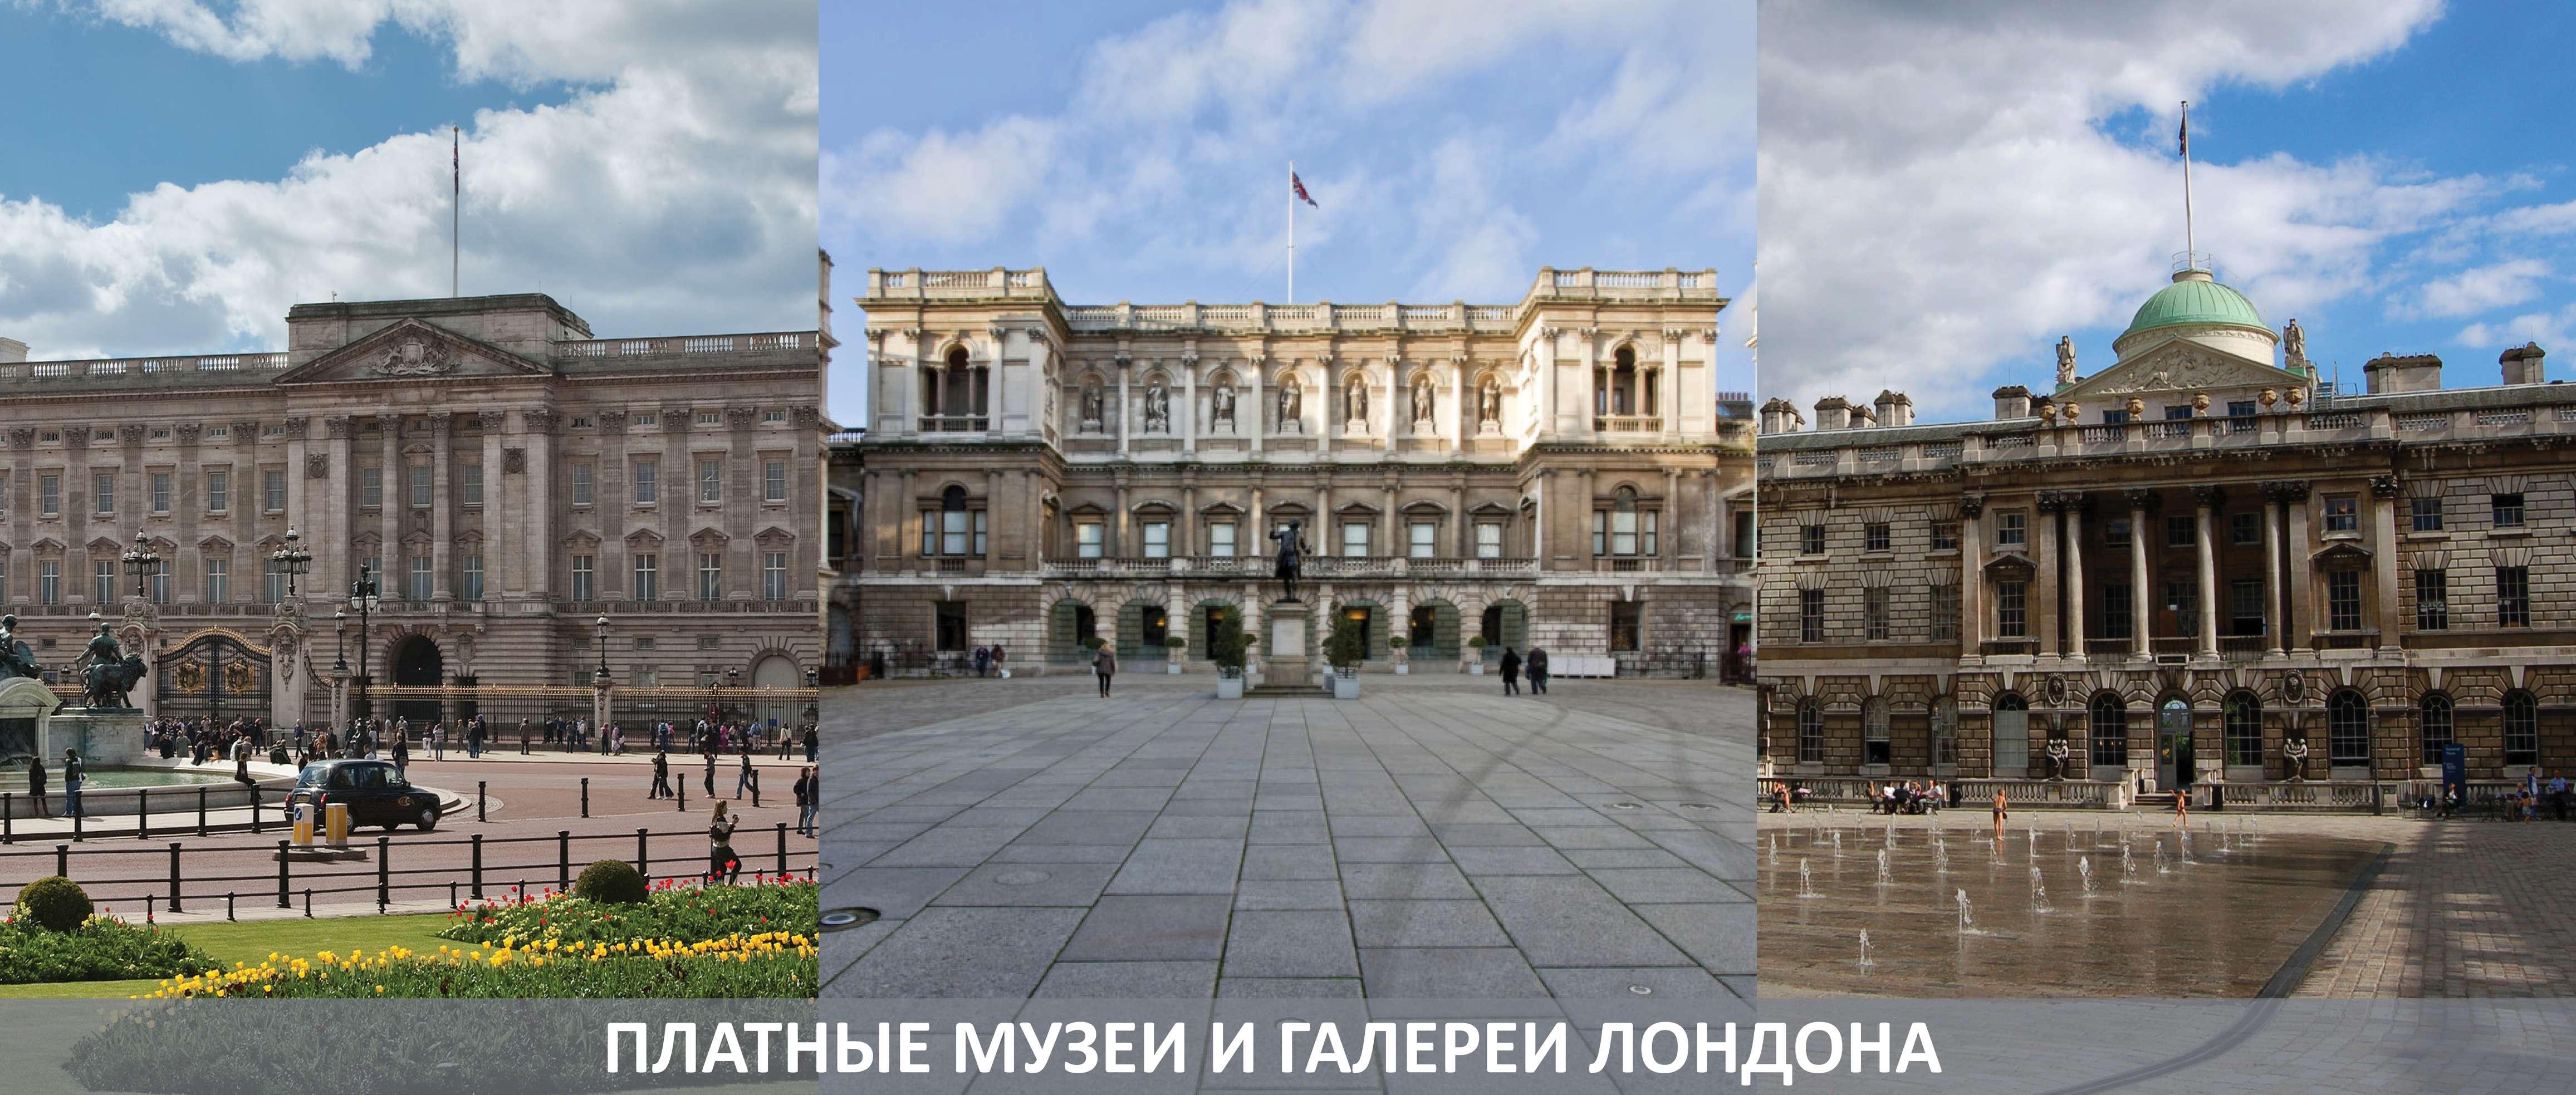 Достопримечательности Лондона : Платные музеи Лондона